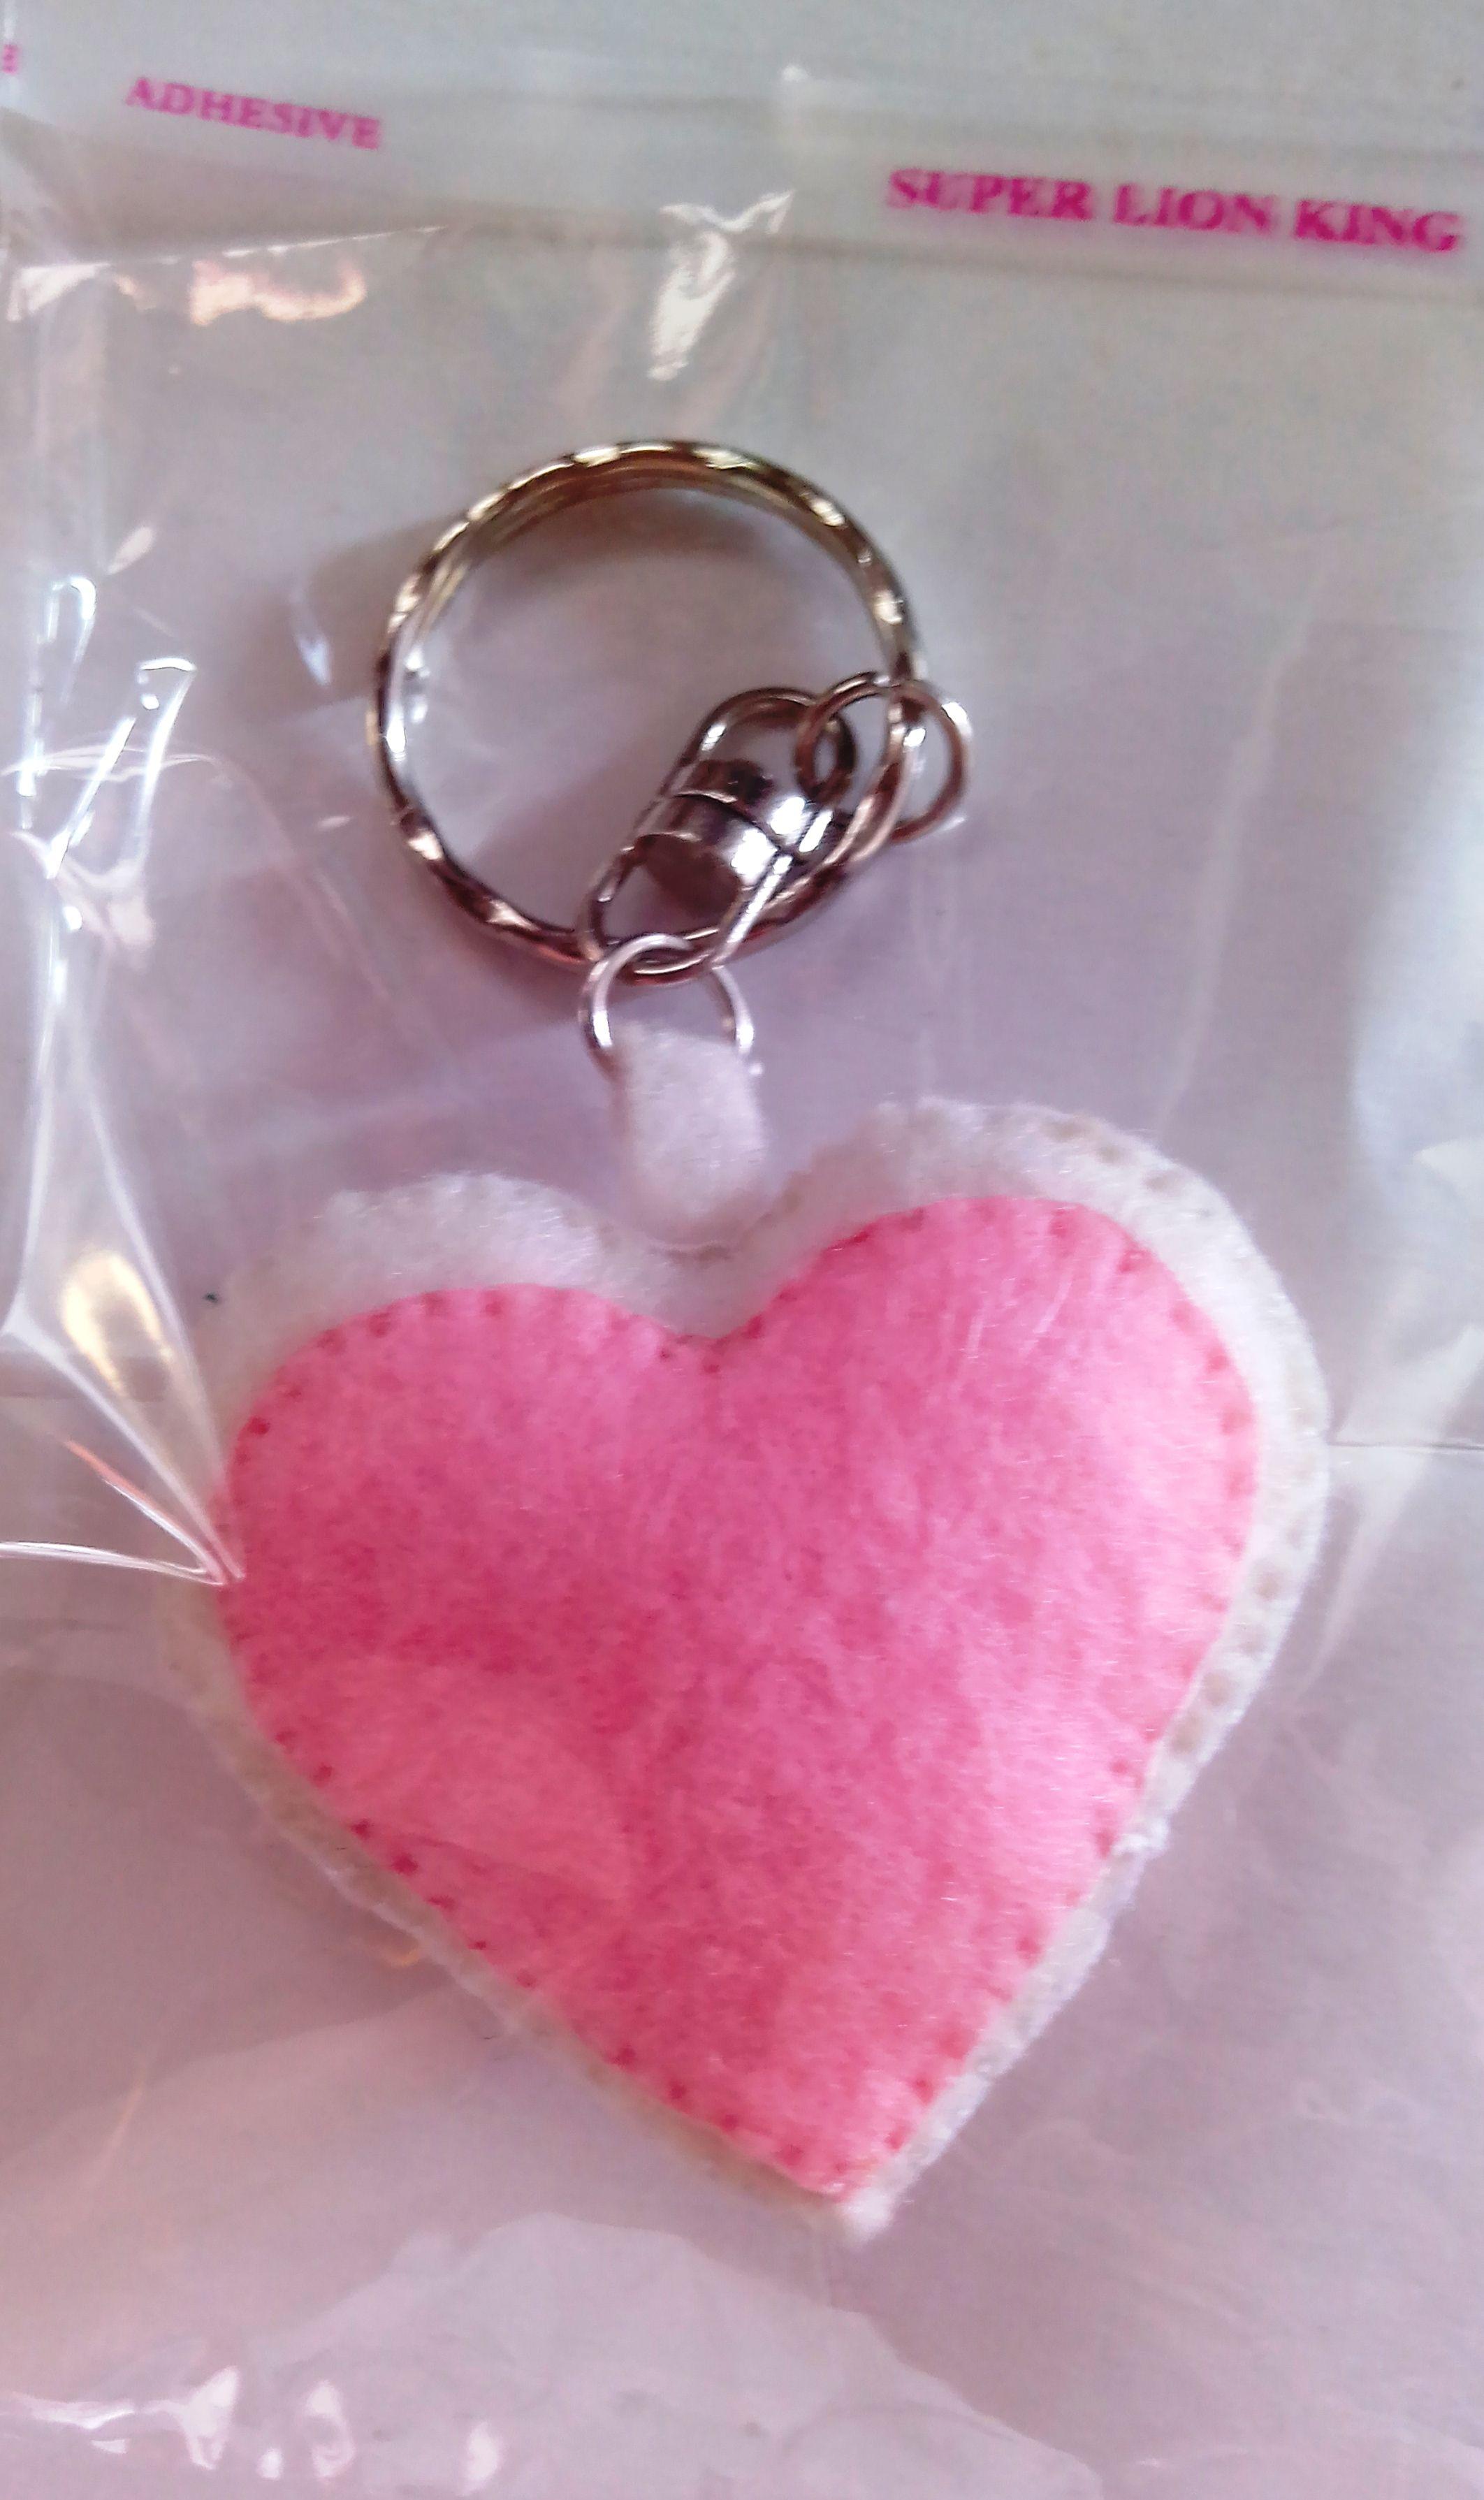 Gantungan kunci dari kain flanel bentuk hati ukuran 4x4cm